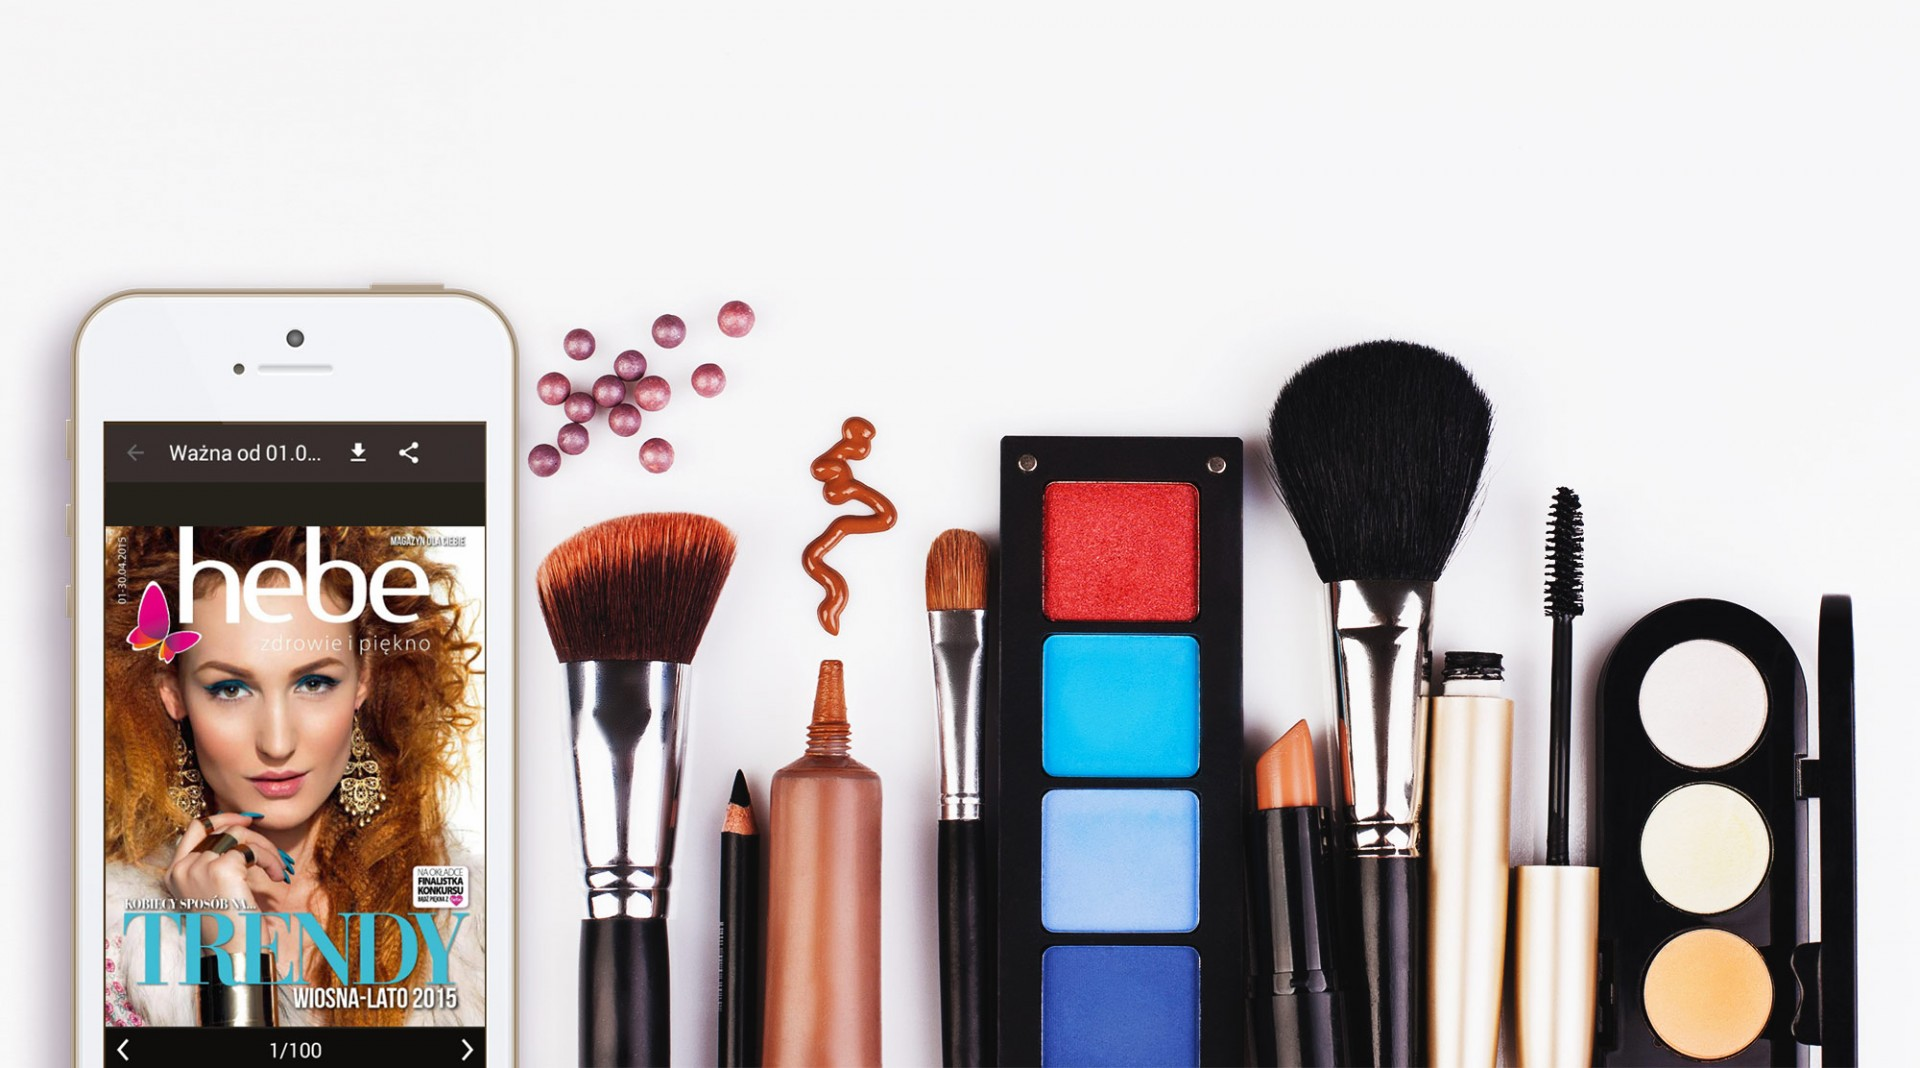 Jak oszczędzać na kosmetykach i domowej chemii? 25 sposobów